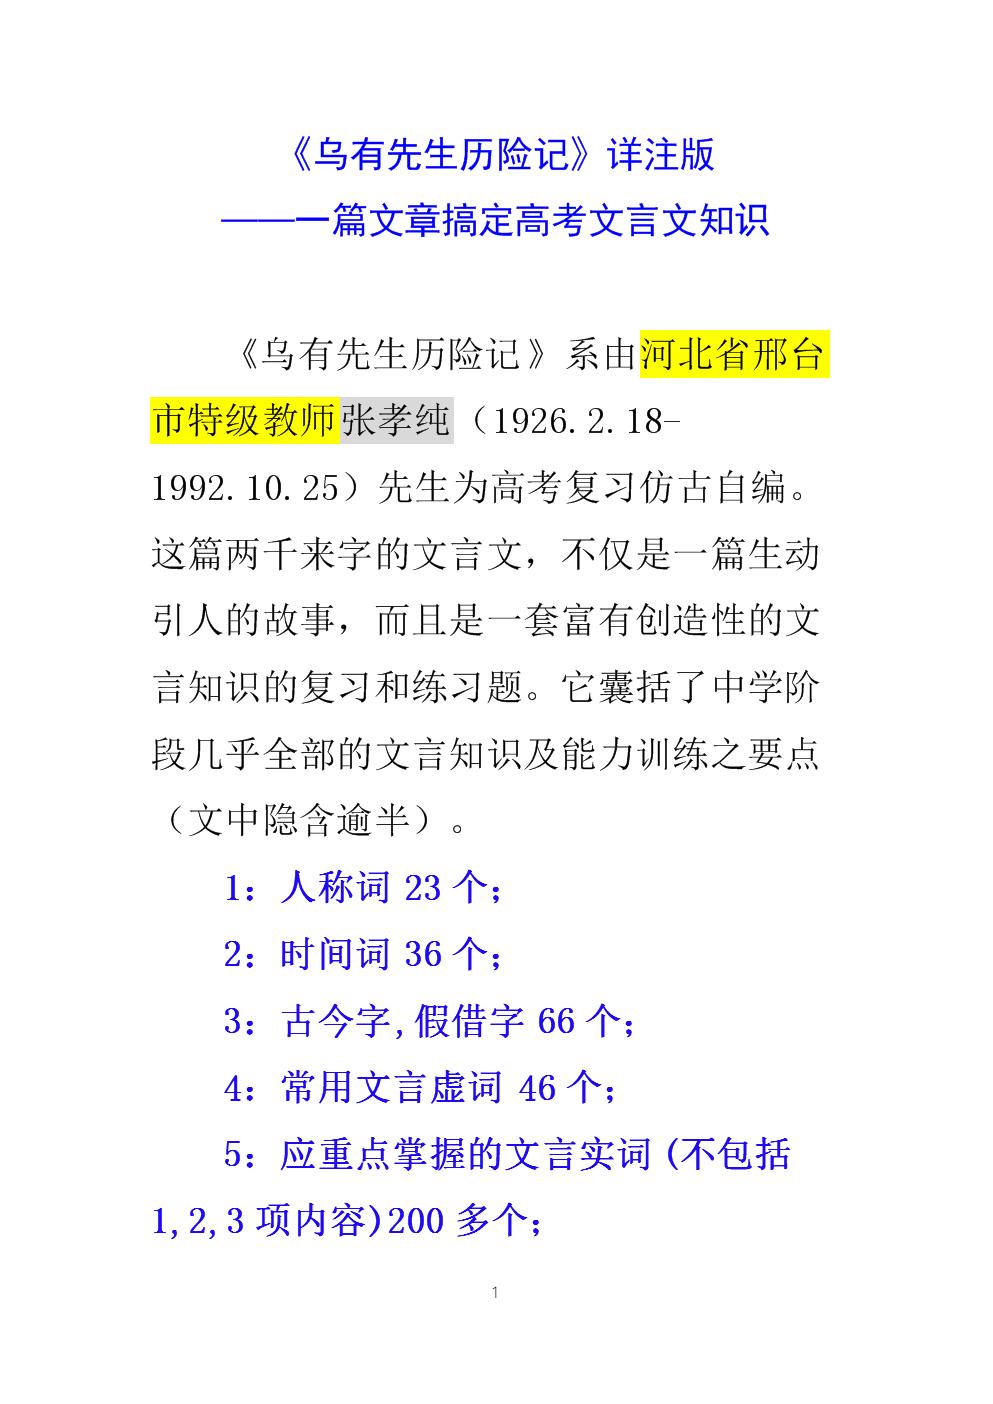 《乌有先生历险记》详注版-一篇文章搞定高考文言文知识.docx